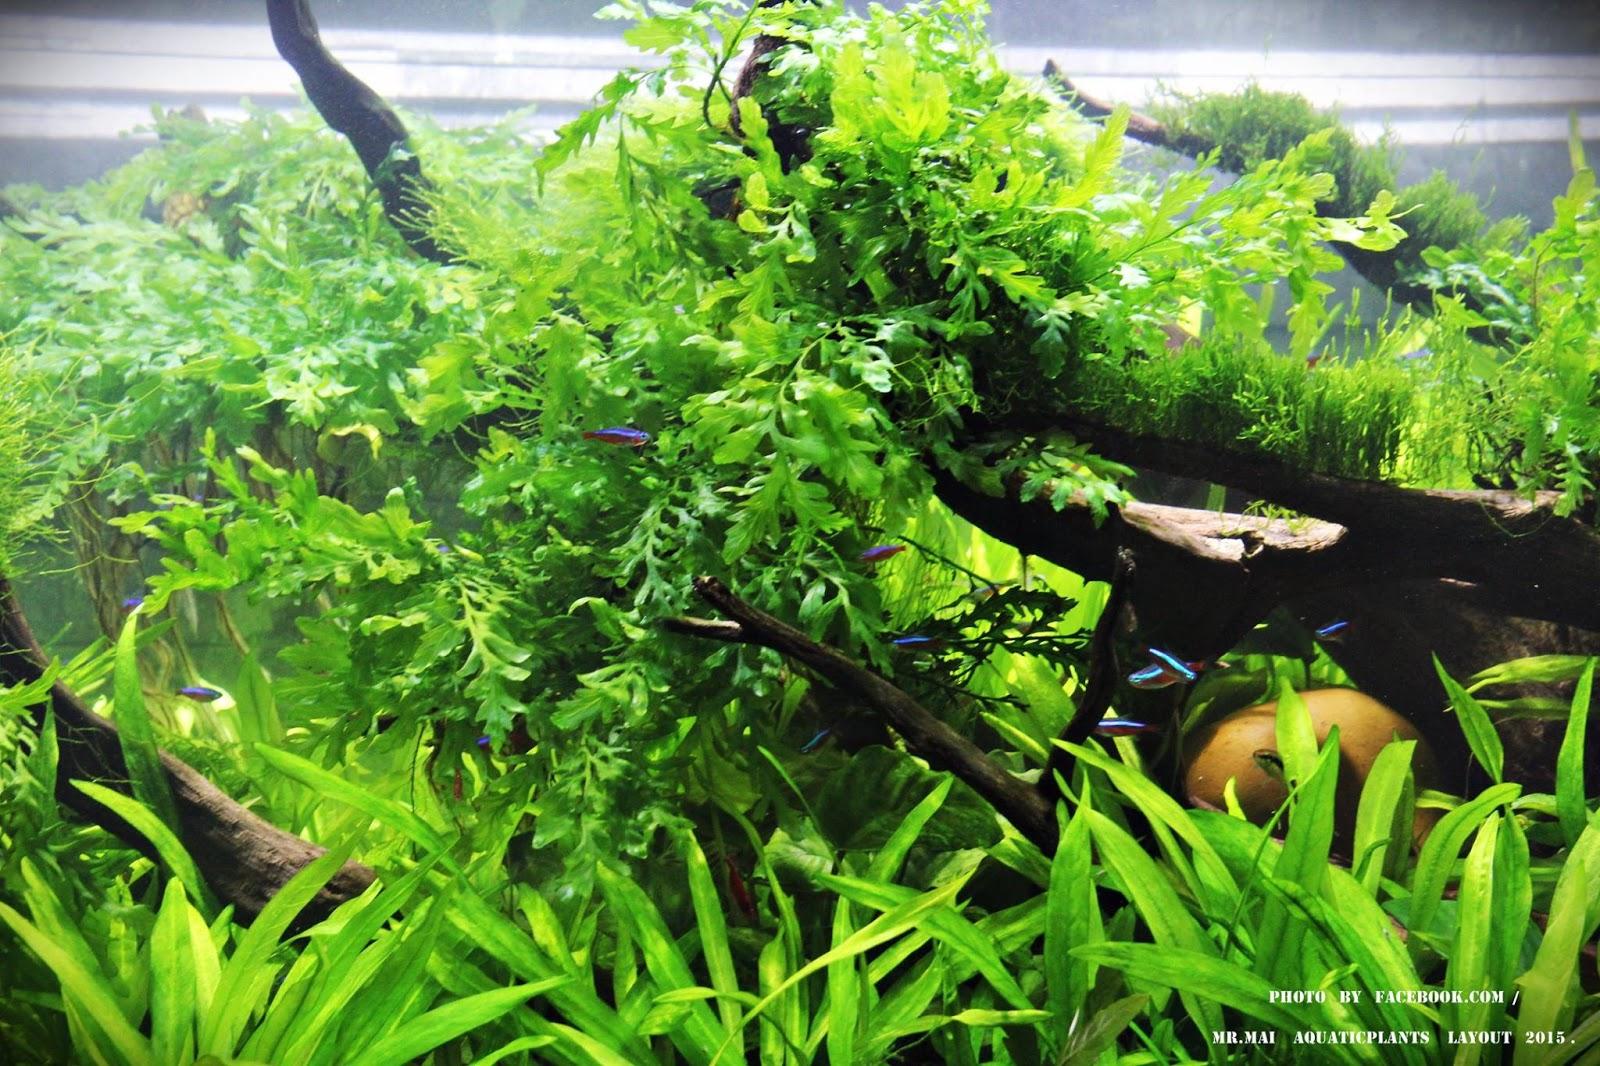 Cận cảnh cây thủy sinh dương xỉ châu phi trong bể thủy sinh